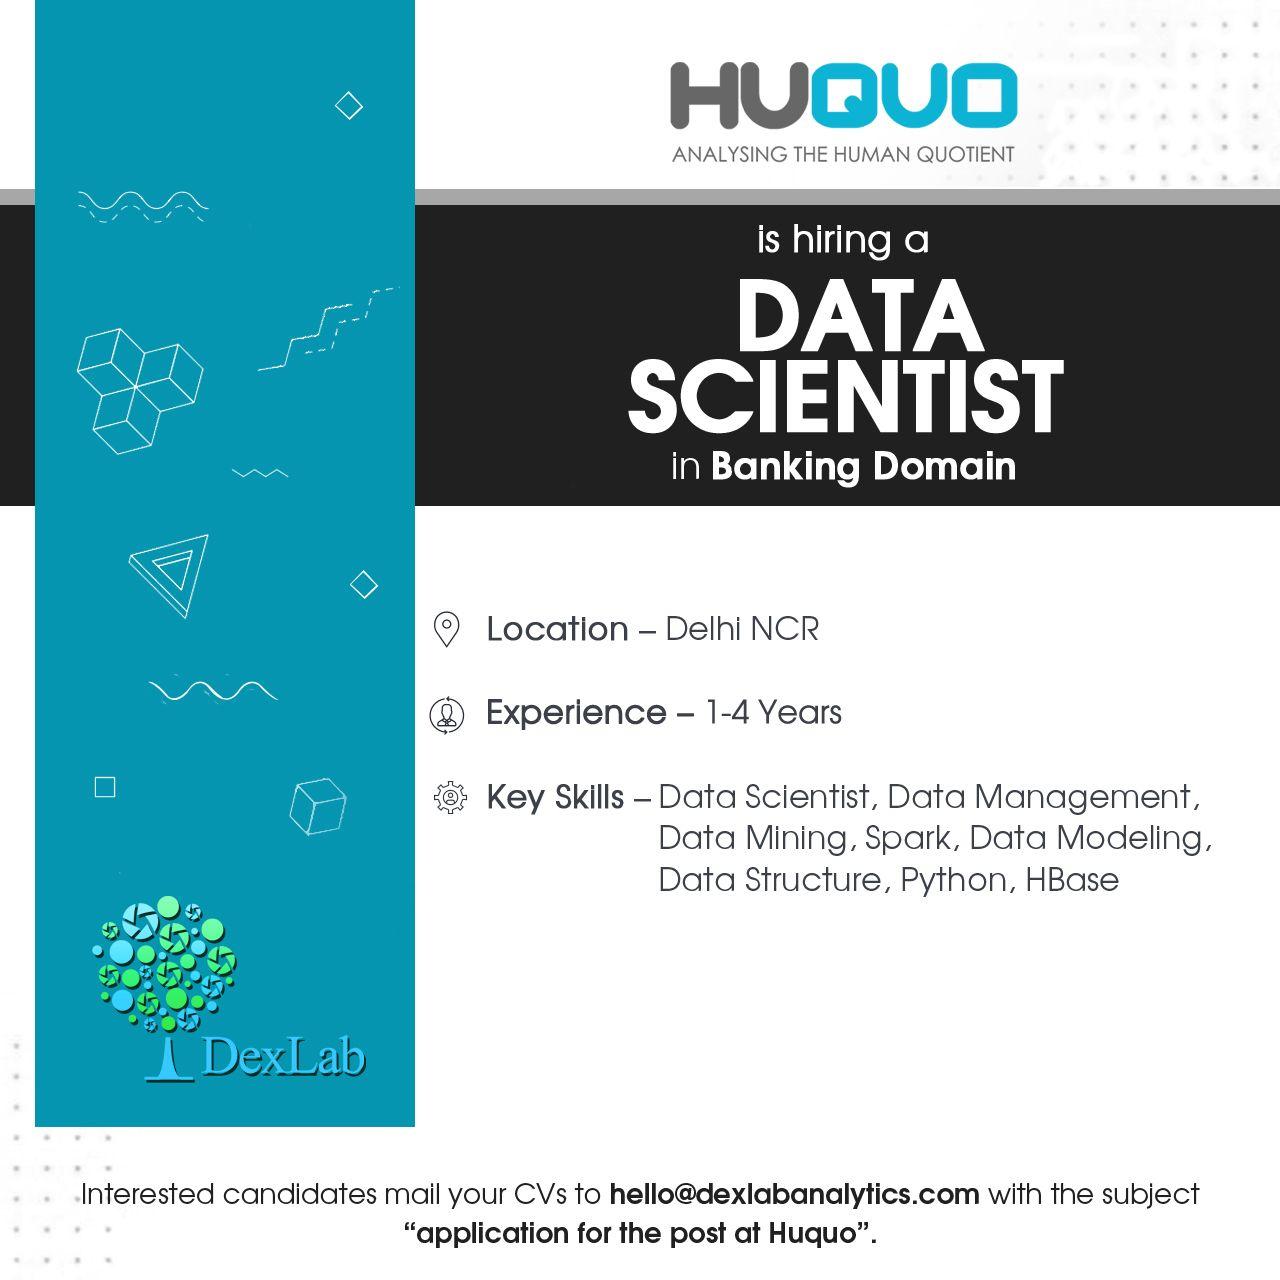 Contact Dexlabanalytics For Opportunities In Big Data Analytics